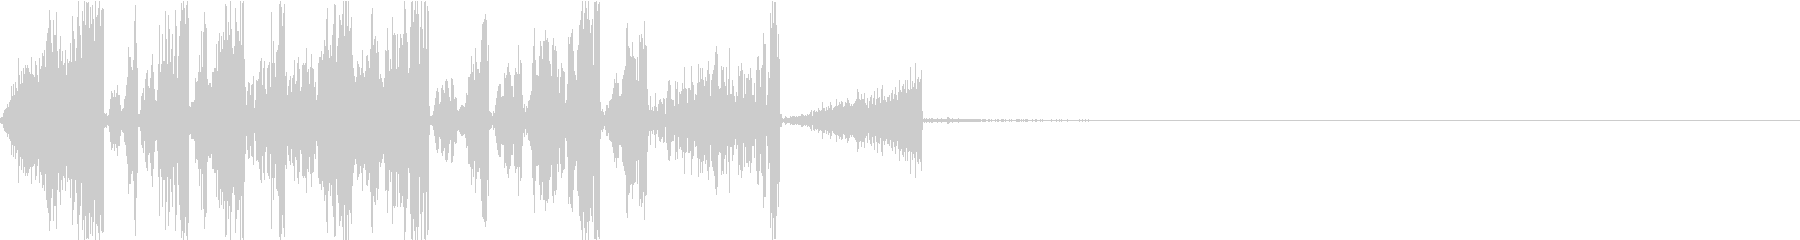 ラップバトル等でDJが巻き戻す音_2の未再生の波形